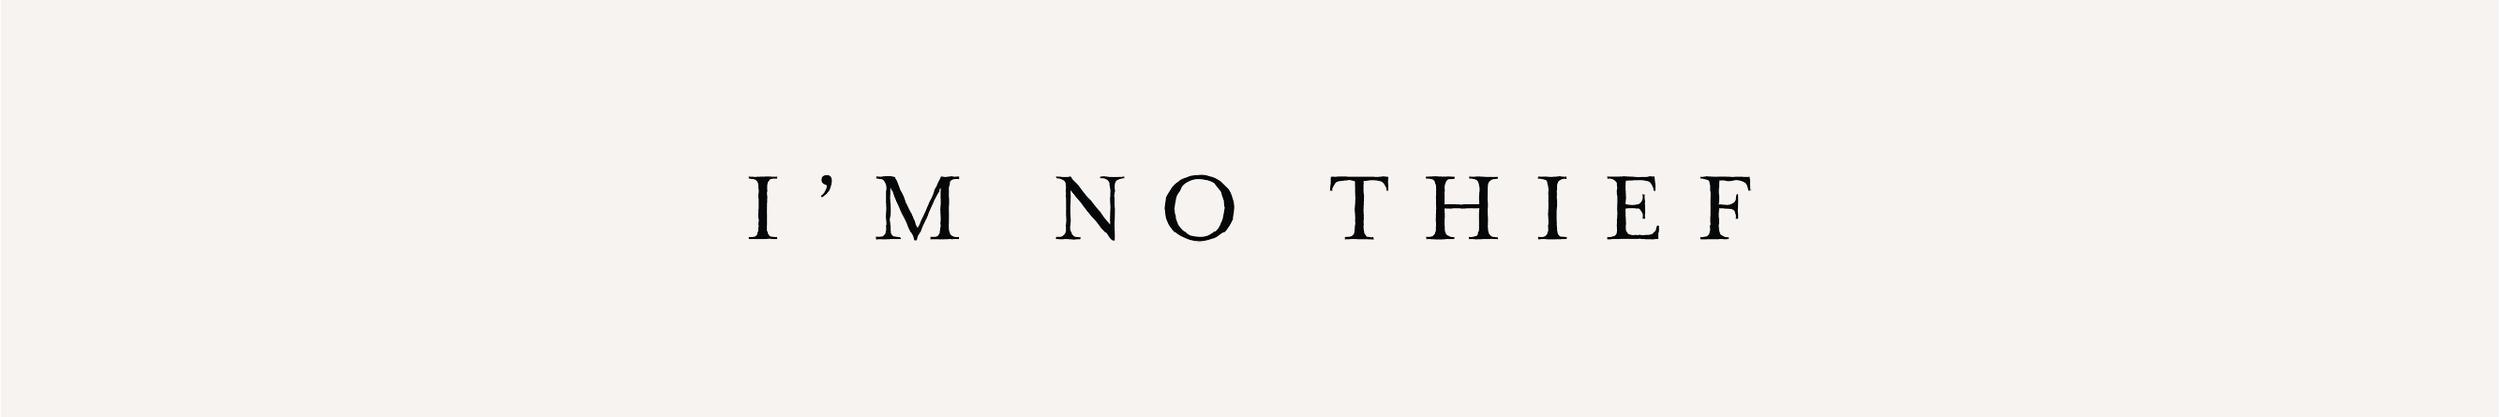 I'm No Thief-Mockups.png